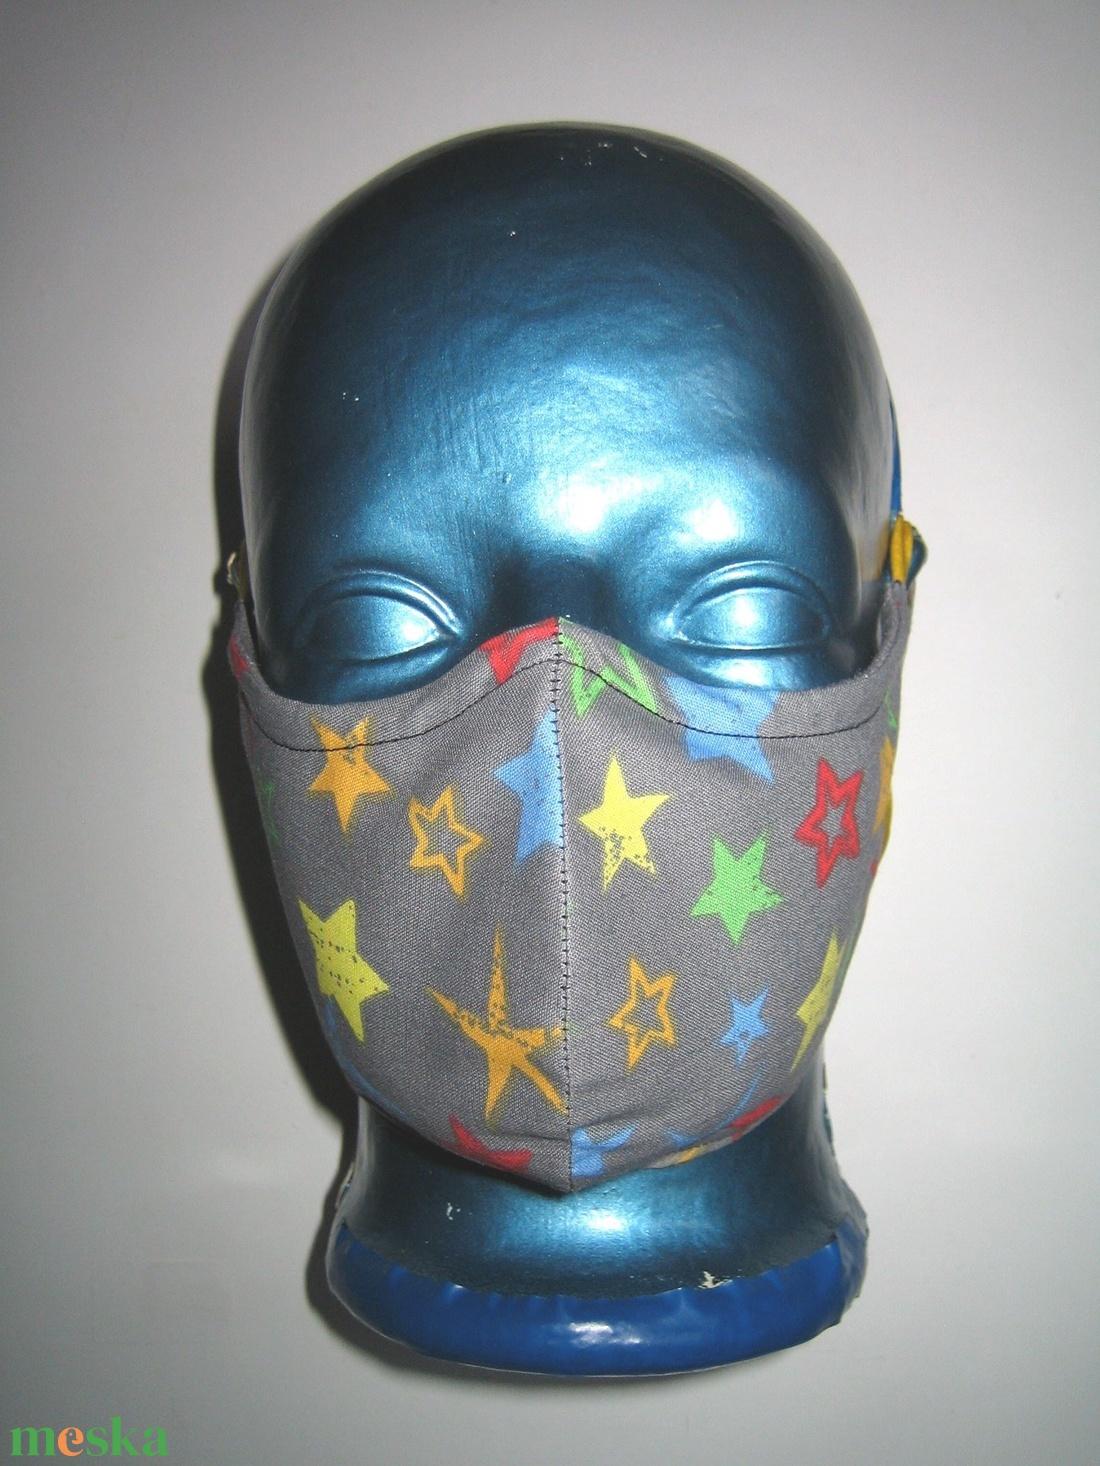 Csillagos szájmaszk orrmerevítős arcmaszk fülre akasztható textil maszk - maszk, arcmaszk - női - Meska.hu